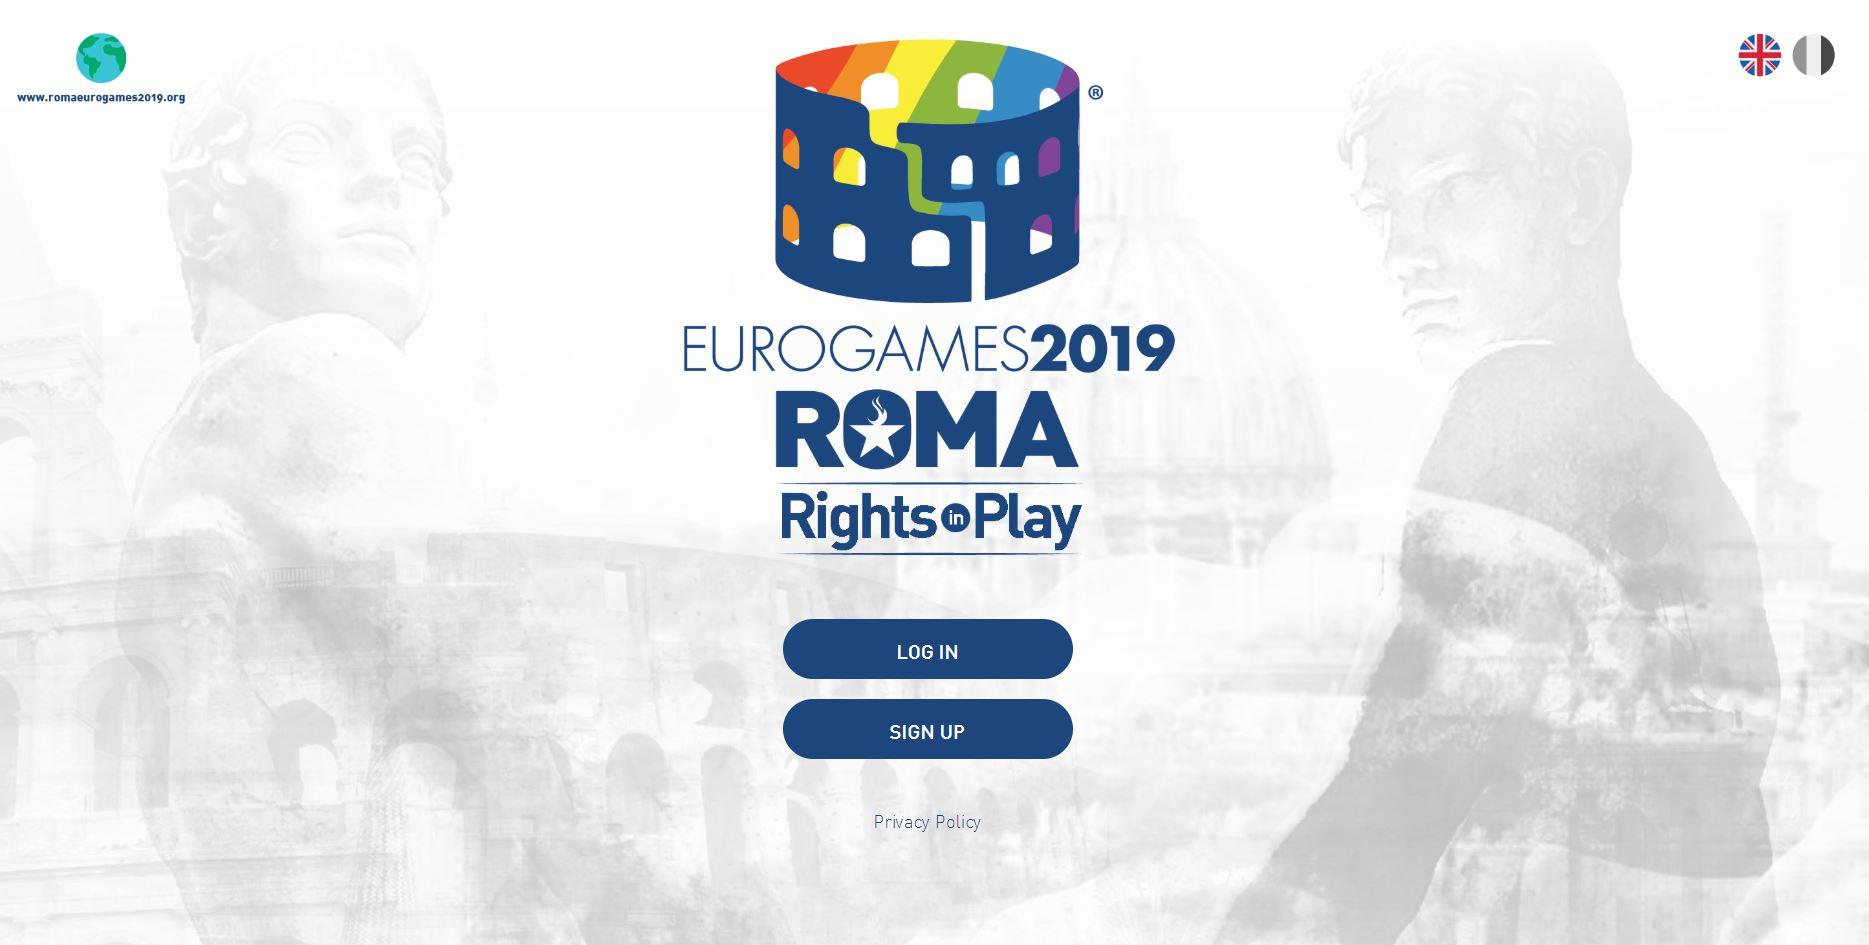 Registrierungsseite der EuroGames 2019 Rom